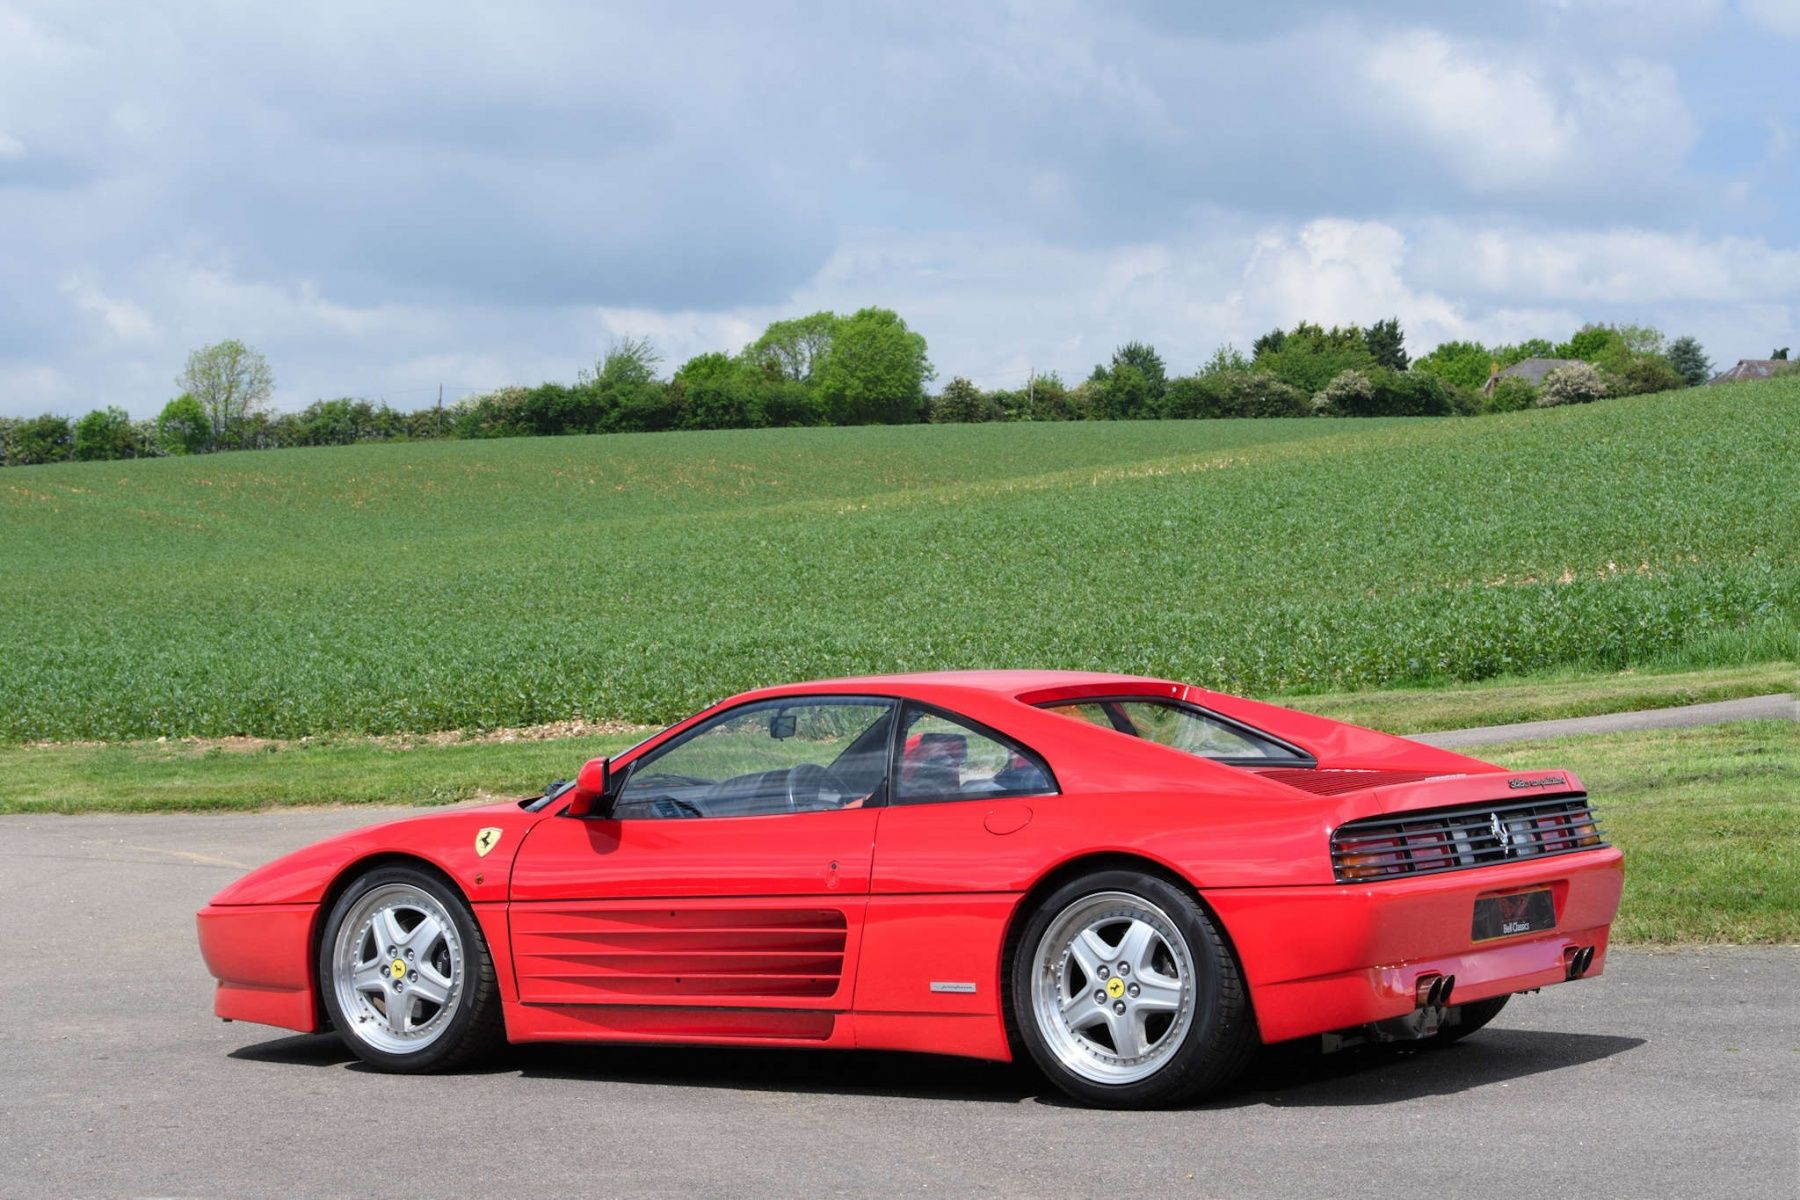 0901b98c075e787e2006146c154cbfcb Terrific Ferrari Mondial Cabrio In Vendita Cars Trend